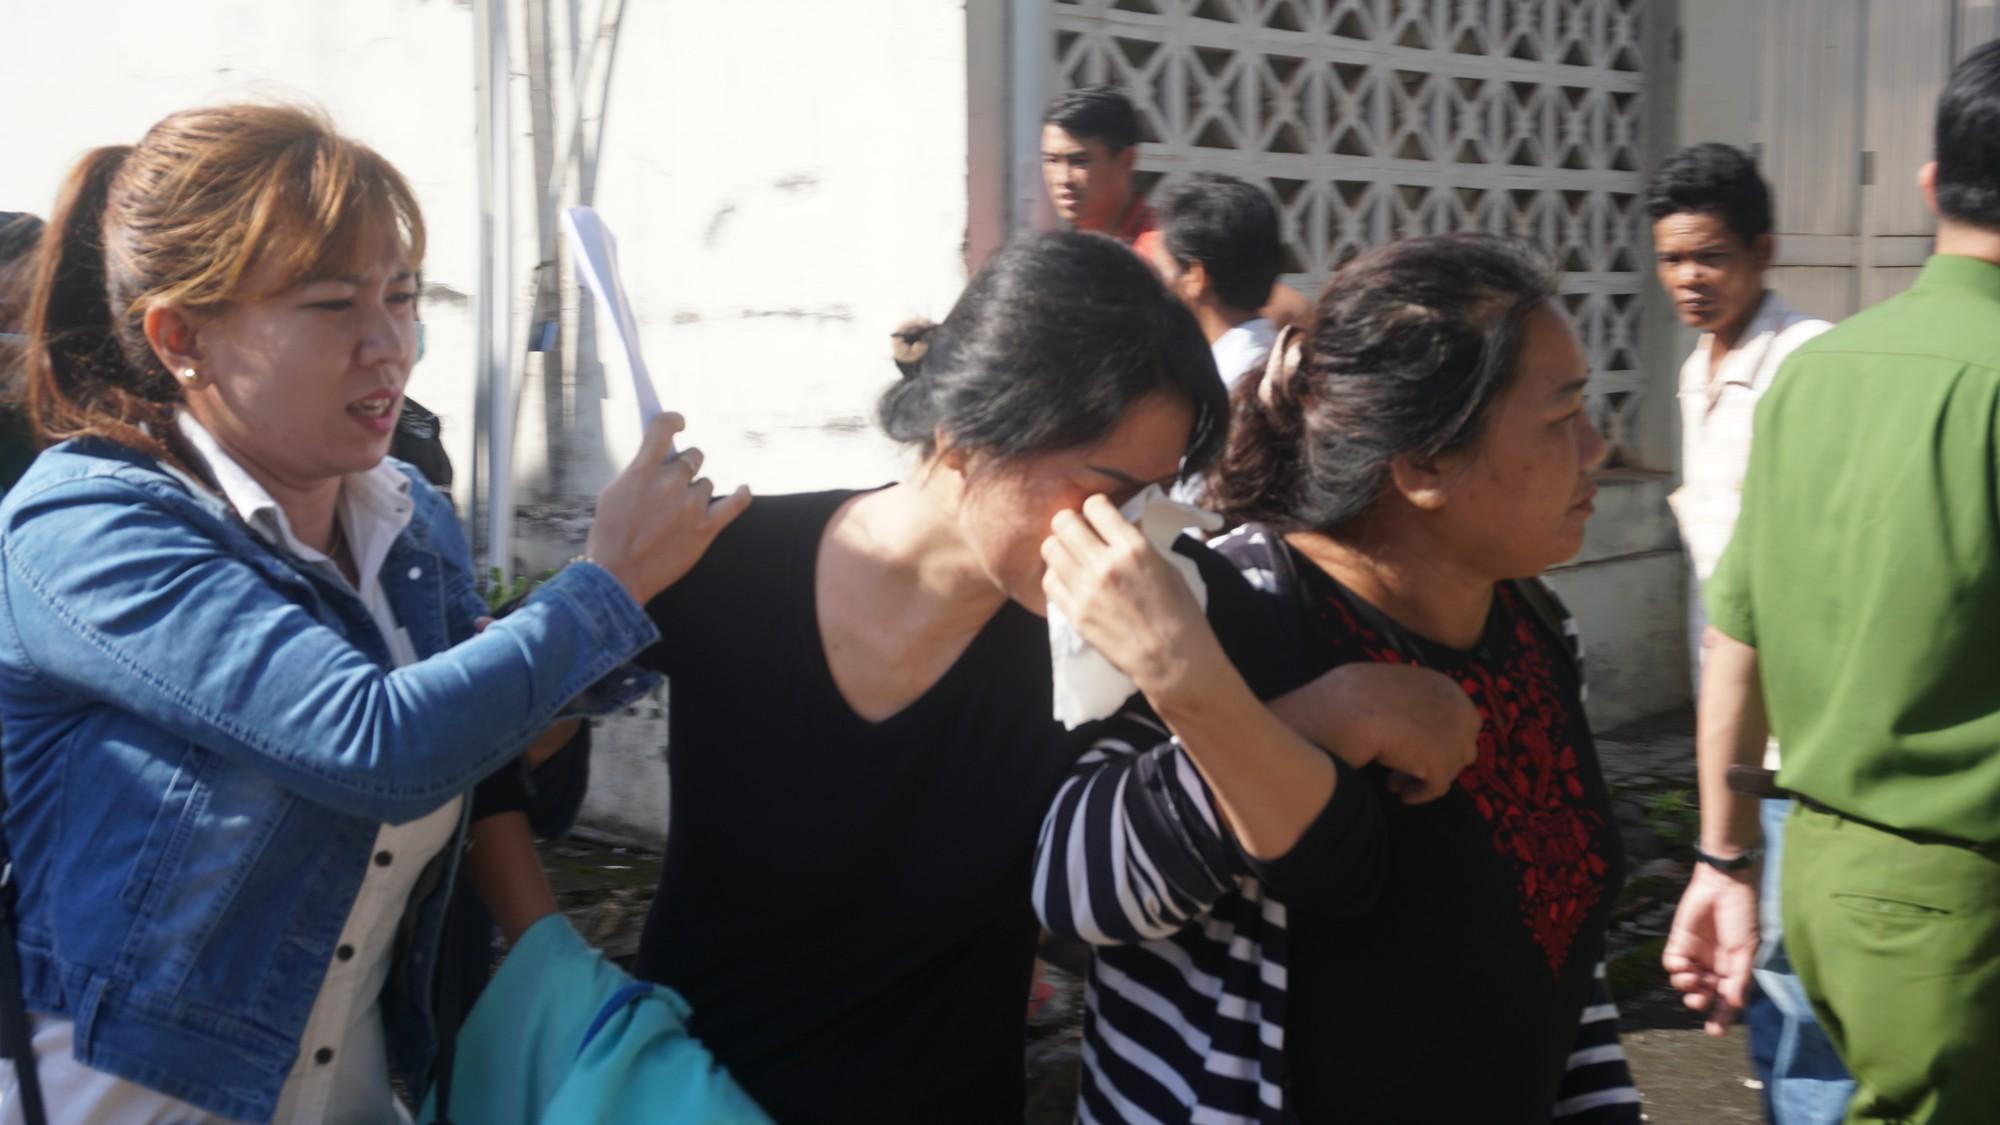 Thi hành án tử Nguyễn Hải Dương: Giọt nước mắt của người mẹ